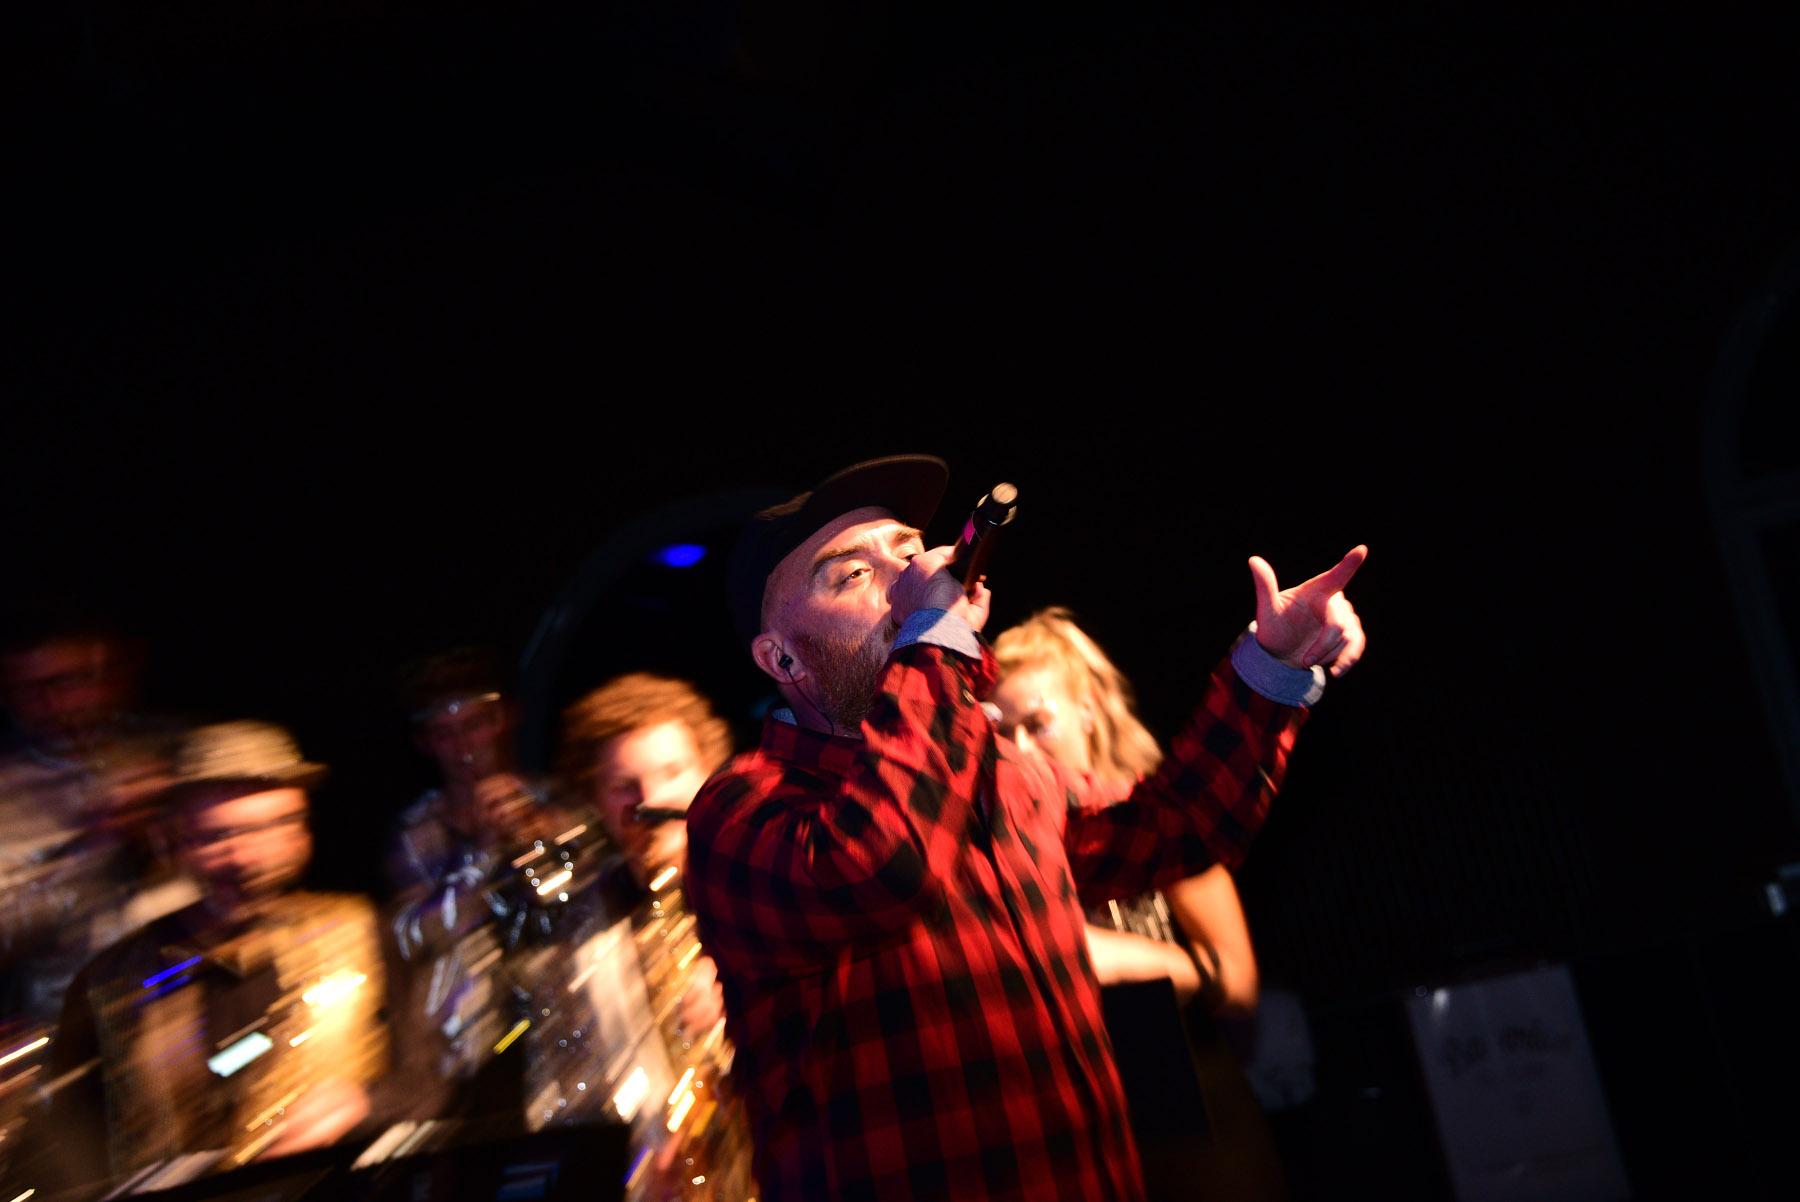 Bigband Dachau ft. MIQ + Grämsn | The Big Swag Night | 25. Oktober 2018, Ampere München | Foto: Robert Haas